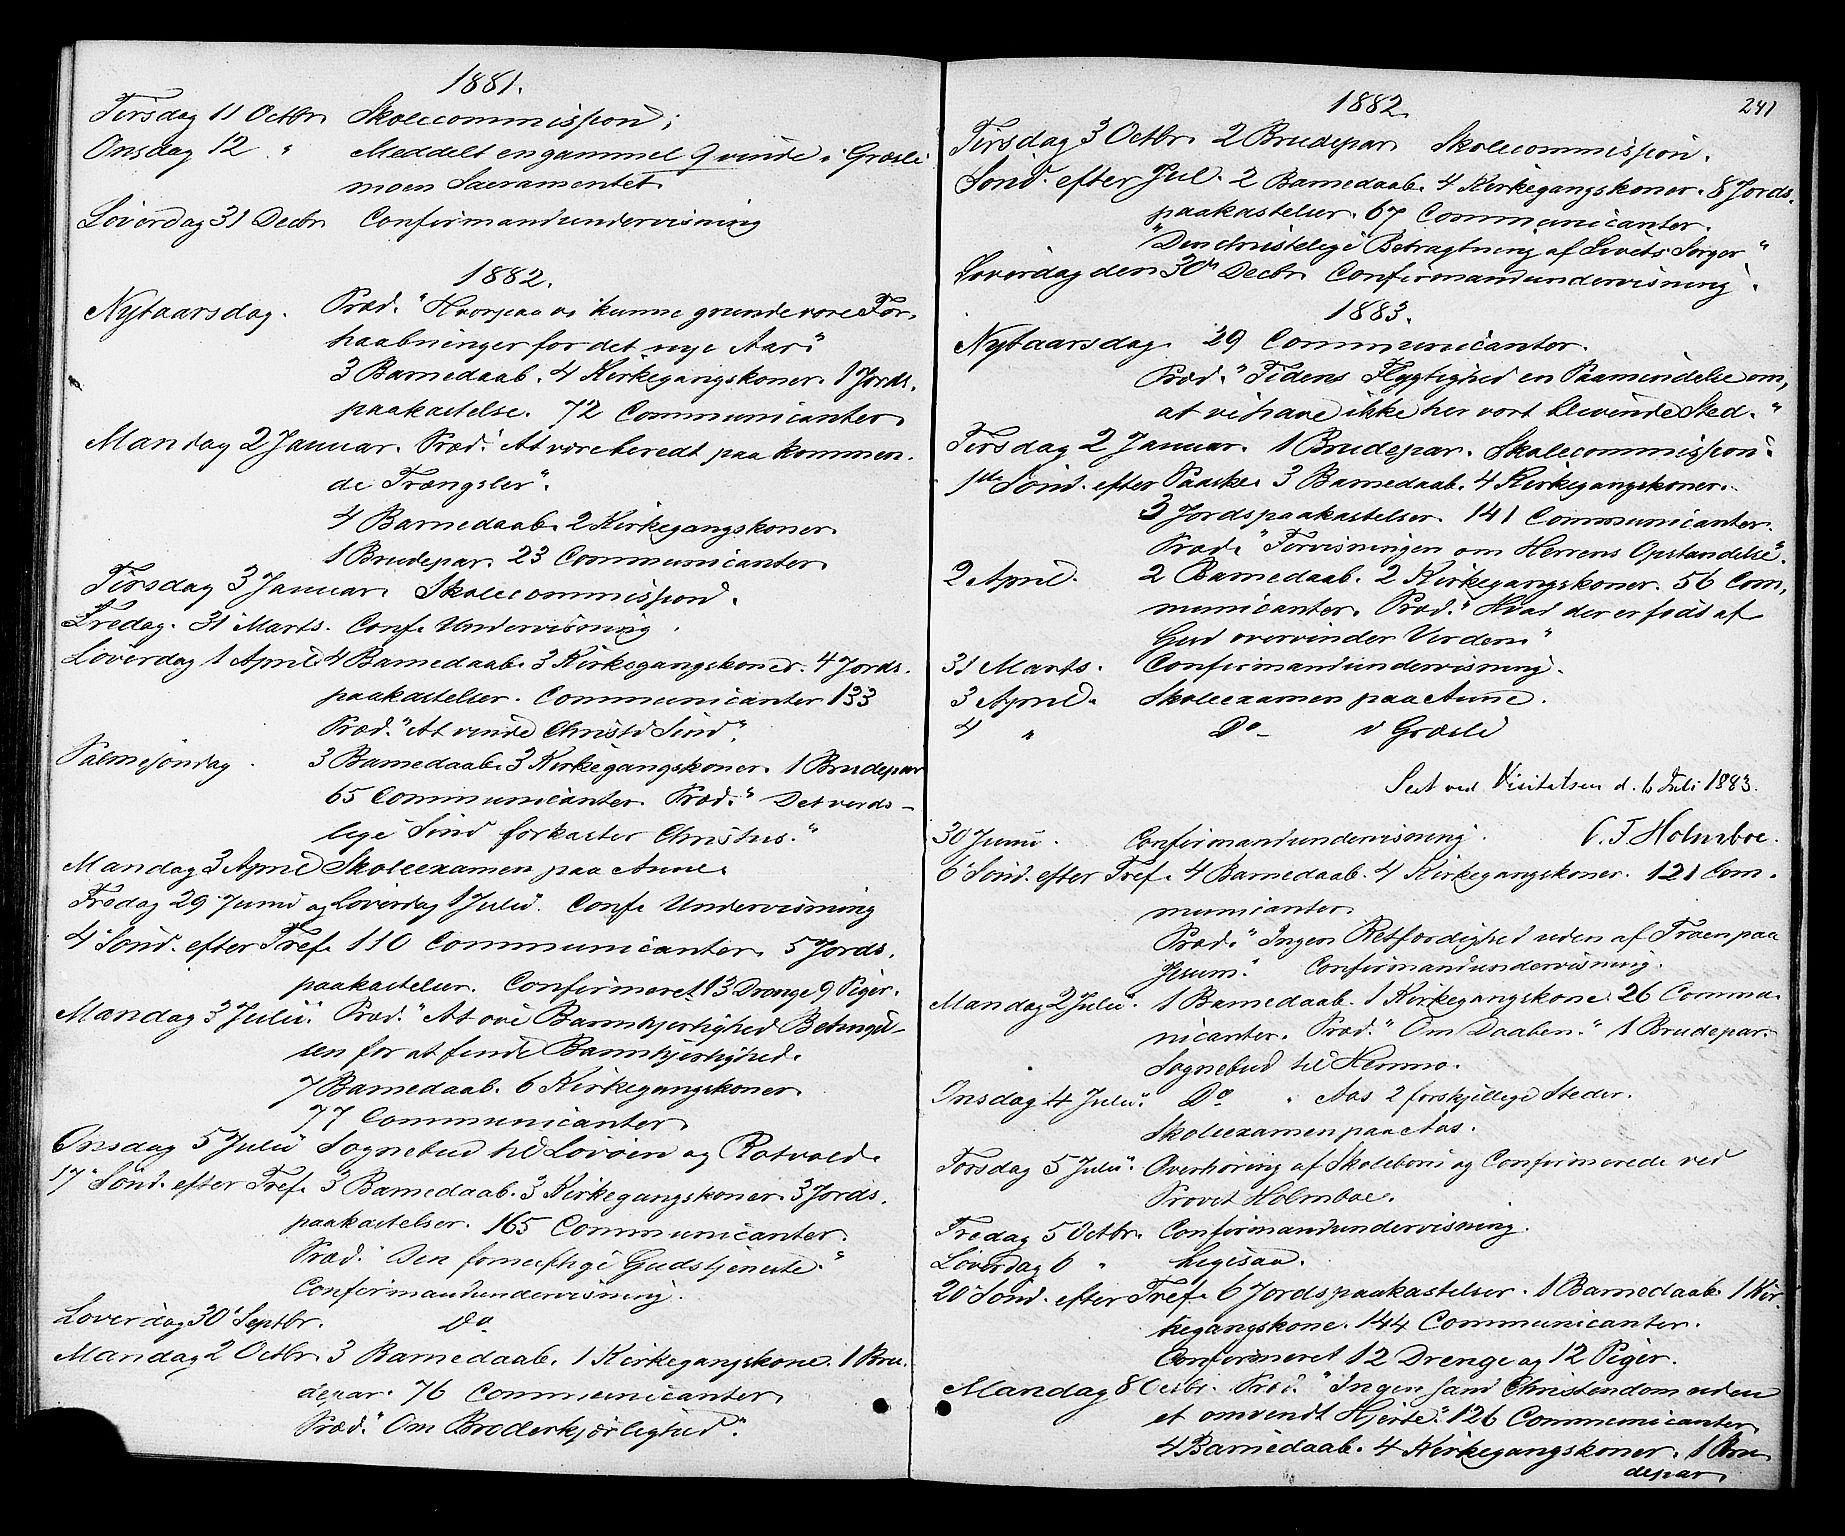 SAT, Ministerialprotokoller, klokkerbøker og fødselsregistre - Sør-Trøndelag, 698/L1163: Ministerialbok nr. 698A01, 1862-1887, s. 241